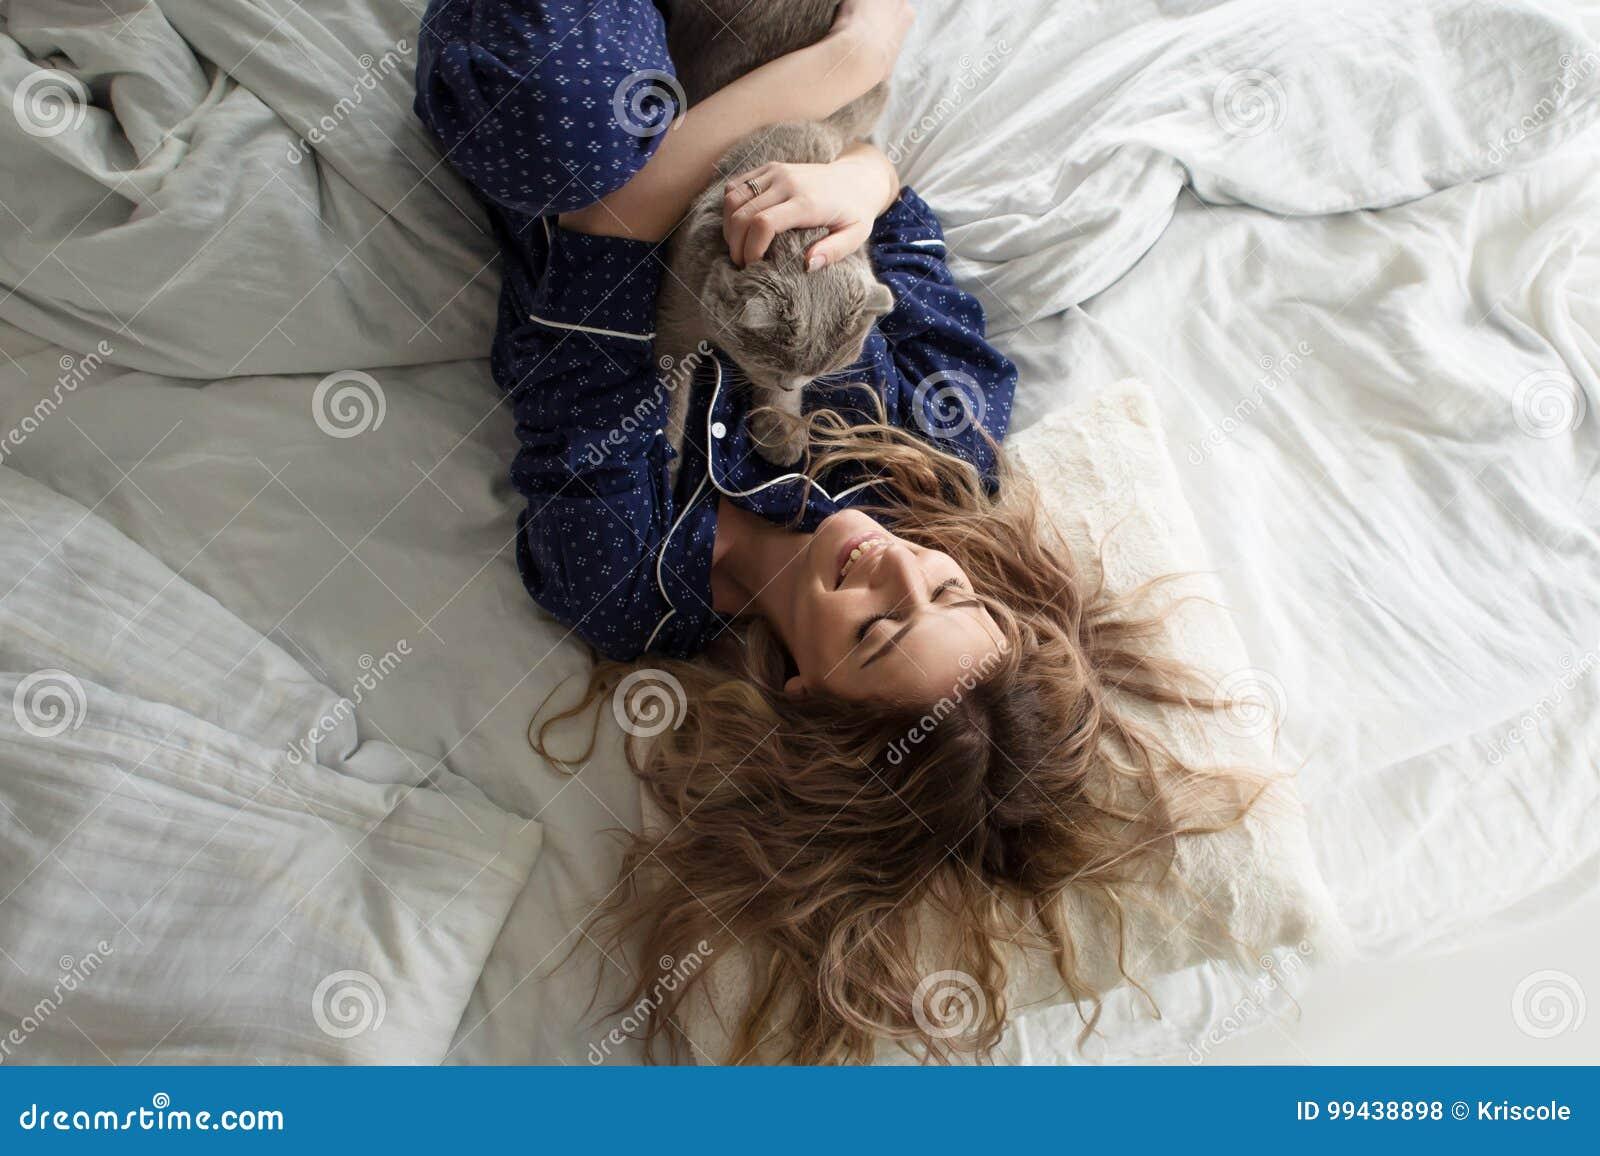 a5c23db2a7 La Chica Joven Hermosa En Pijamas Abraza Su Gato Que Miente En La ...